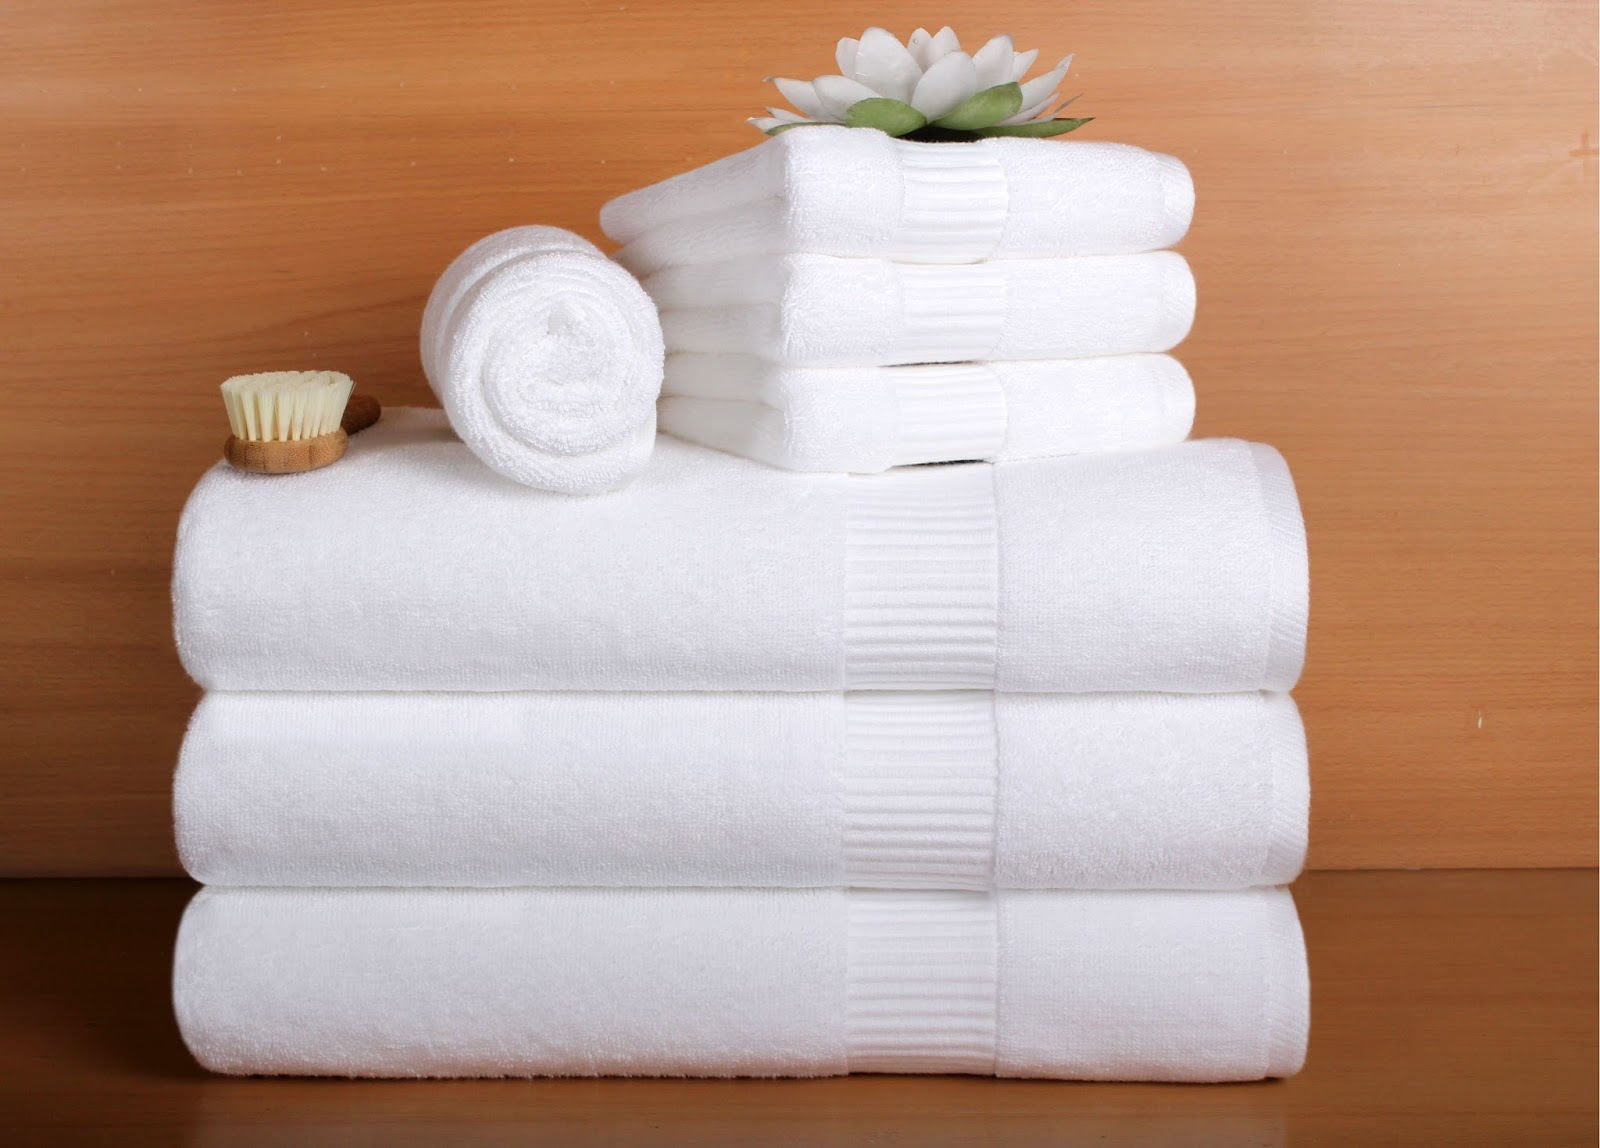 Toallas para spa y hoteleria - Sabanas y toallas ...